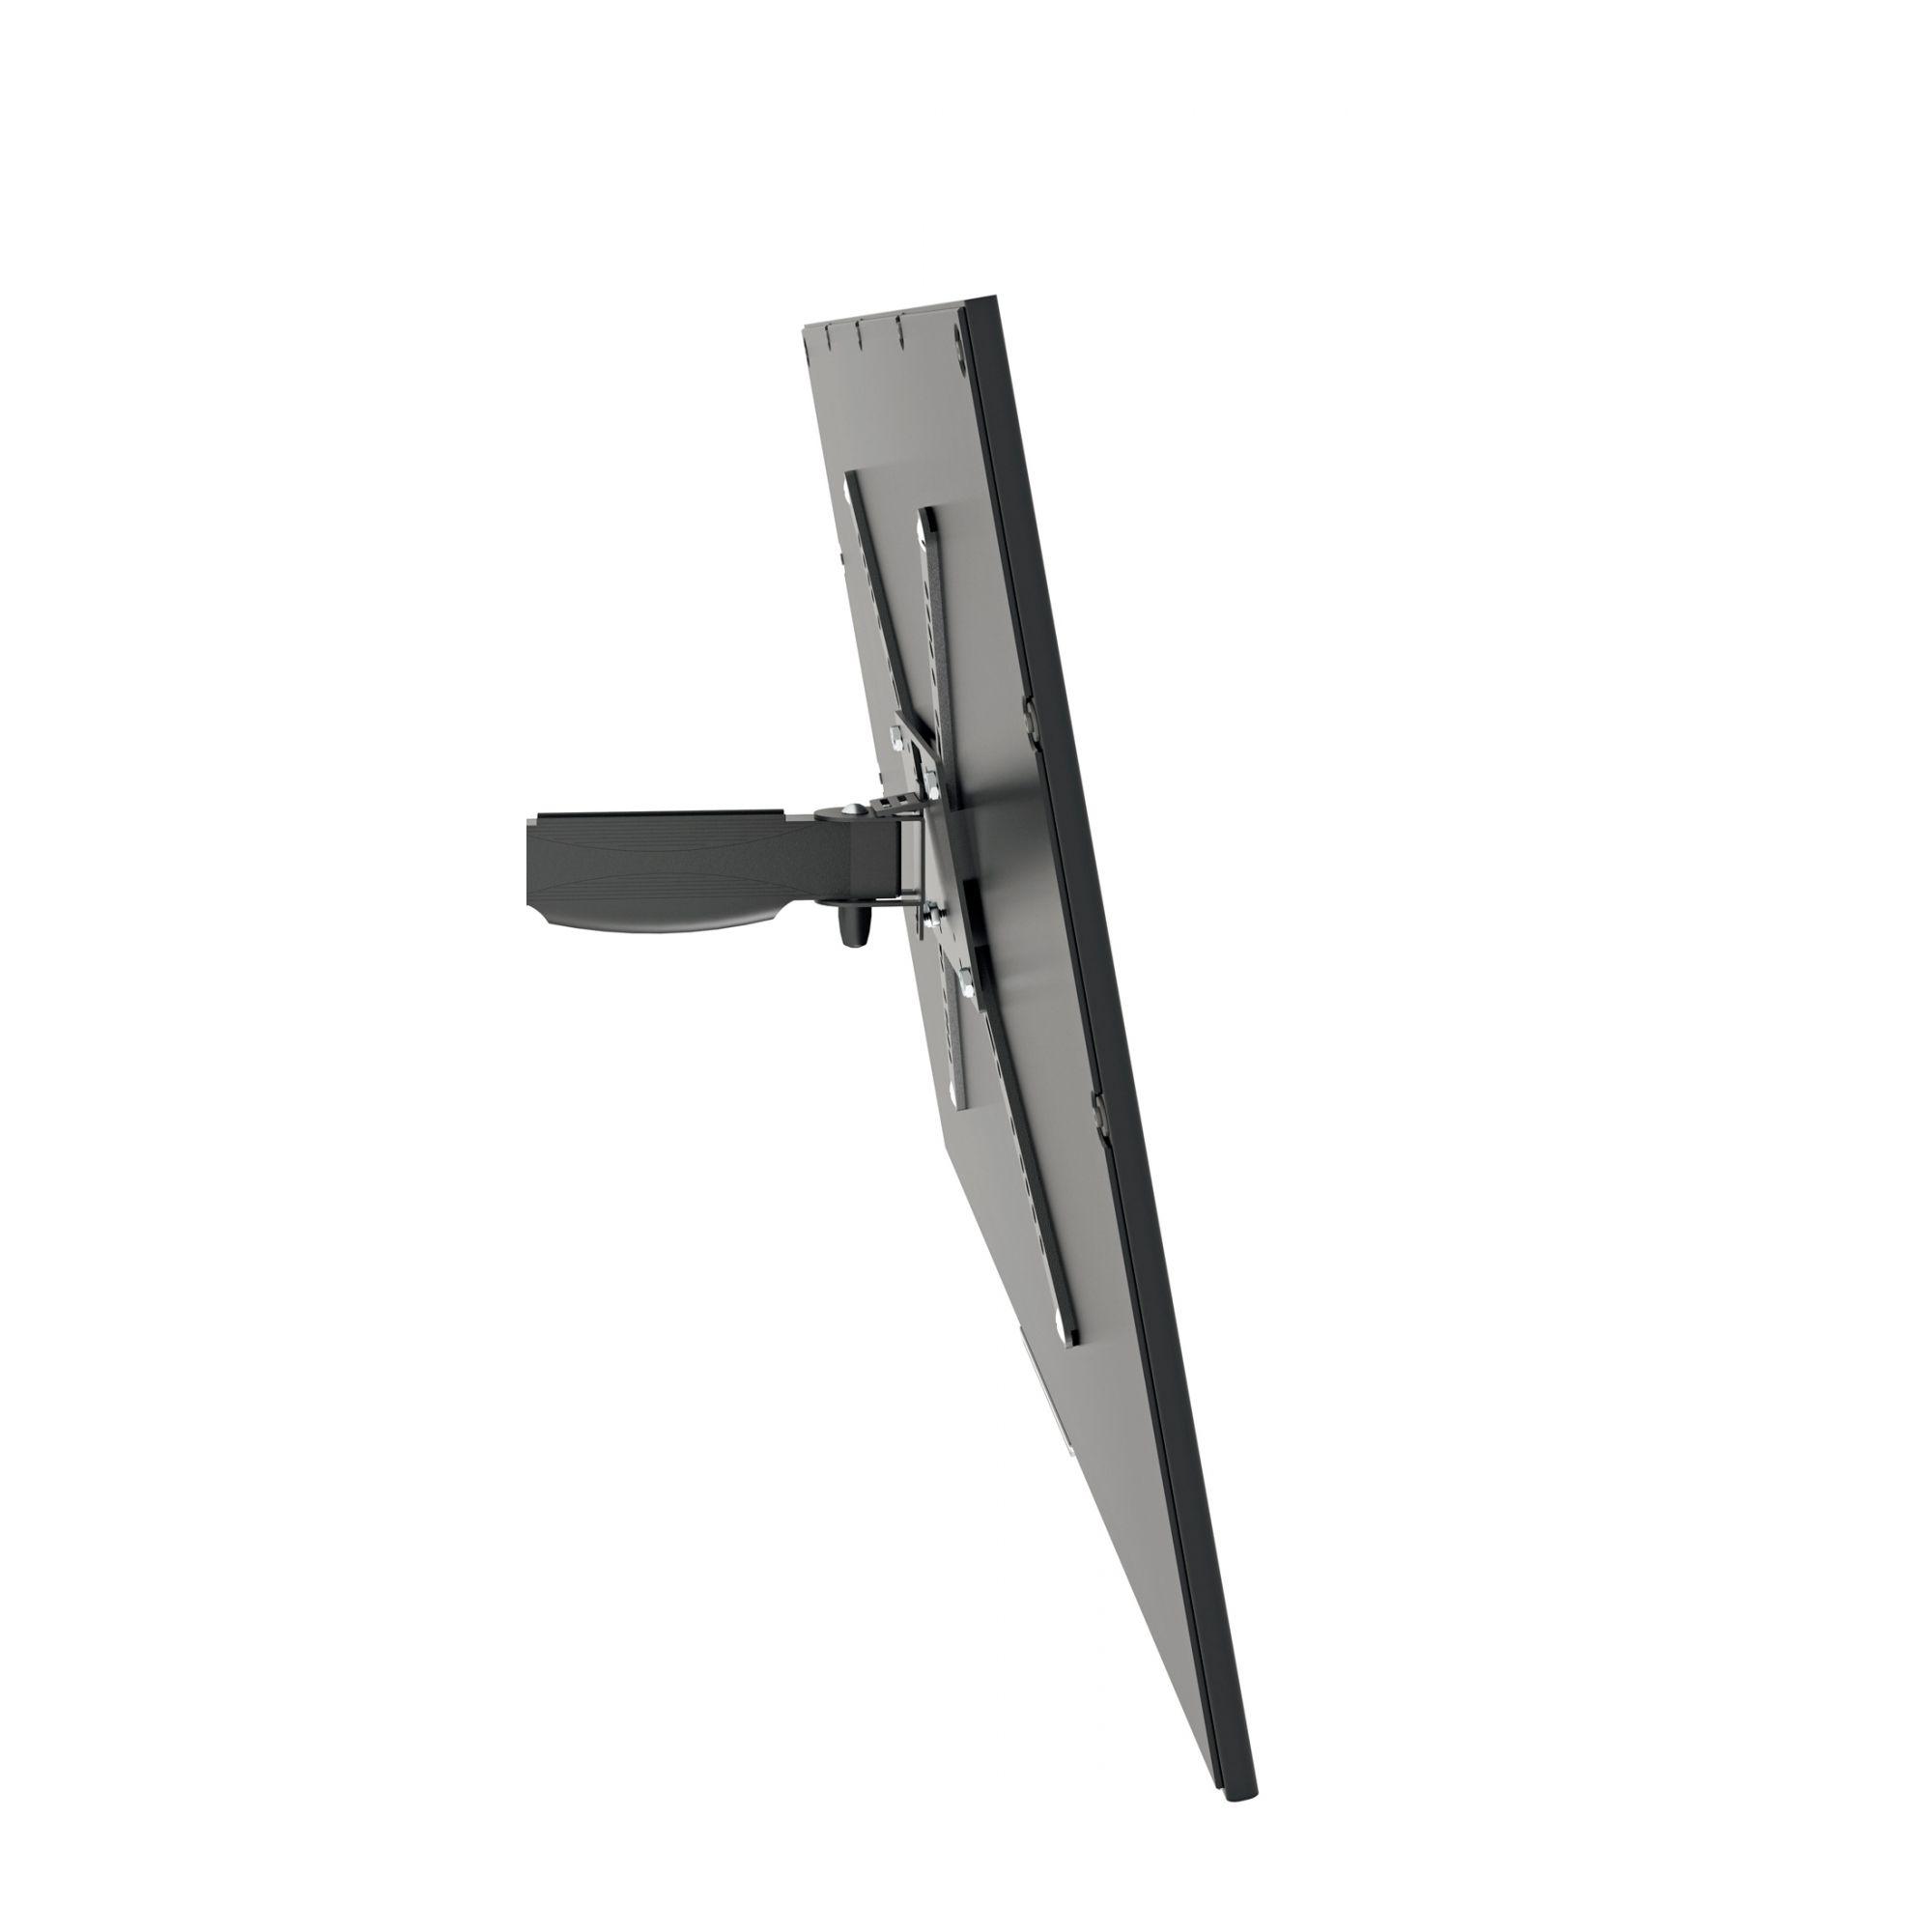 Suporte biarticulado com inclinação para TV de 14 a 56 polegadas